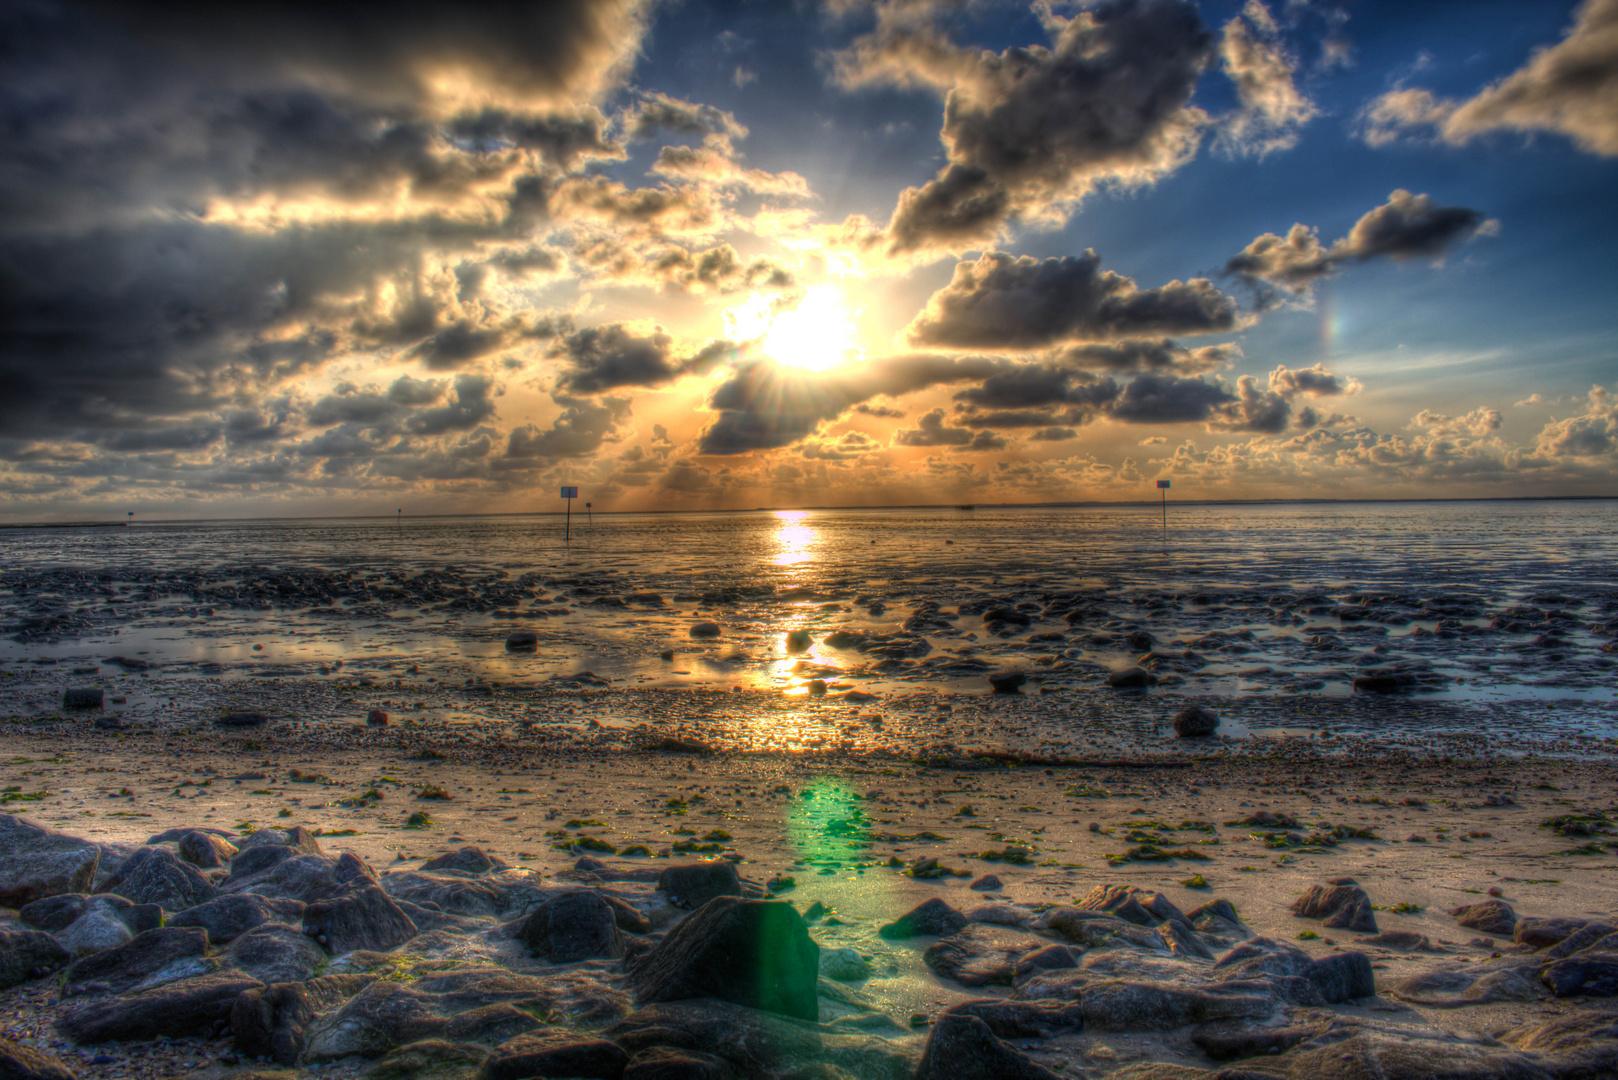 Sonneruntergang Ostfriesland